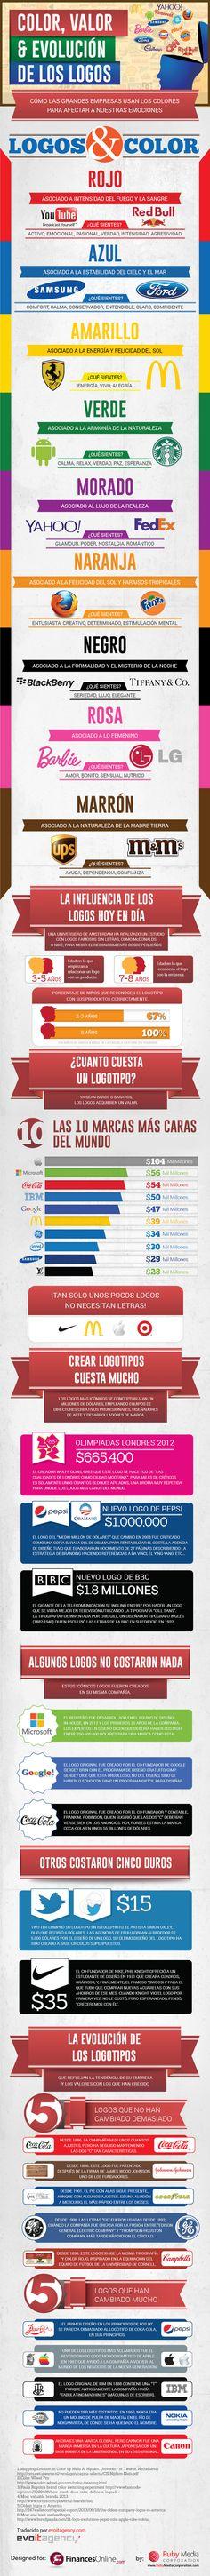 Color - Valor y evolución de los logos #infografia #infographic #marketing